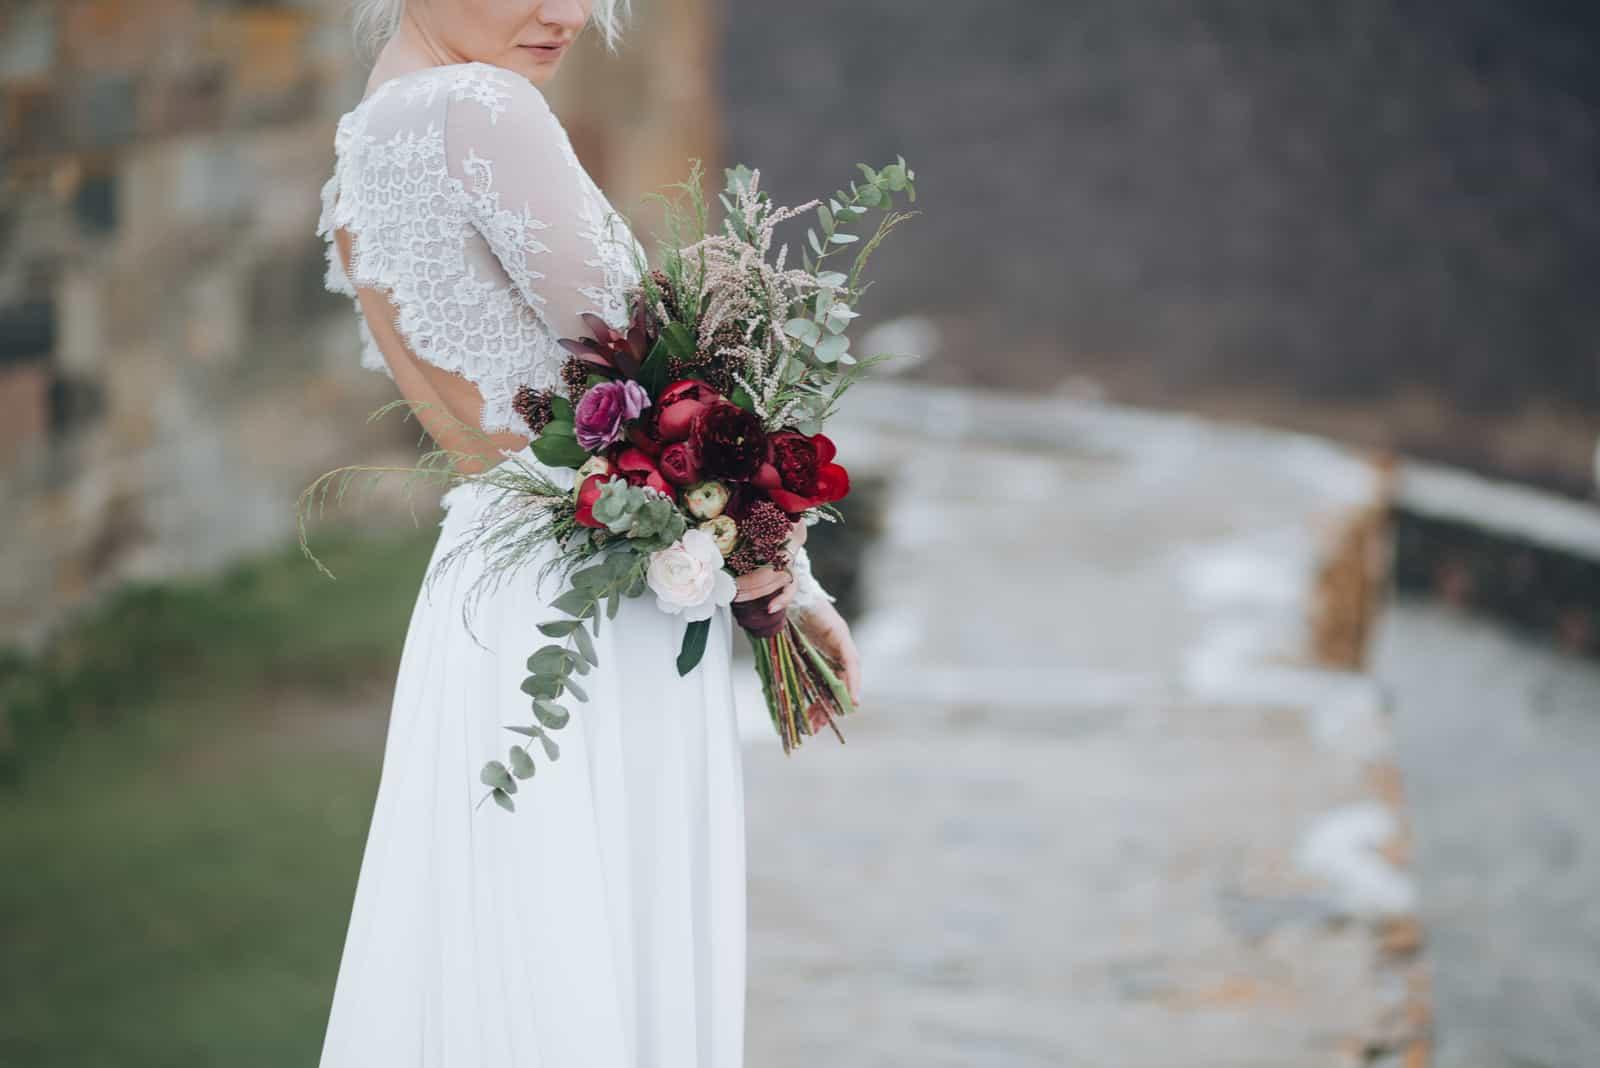 Die Braut mit einem Blumenstrauß in der Hand steht